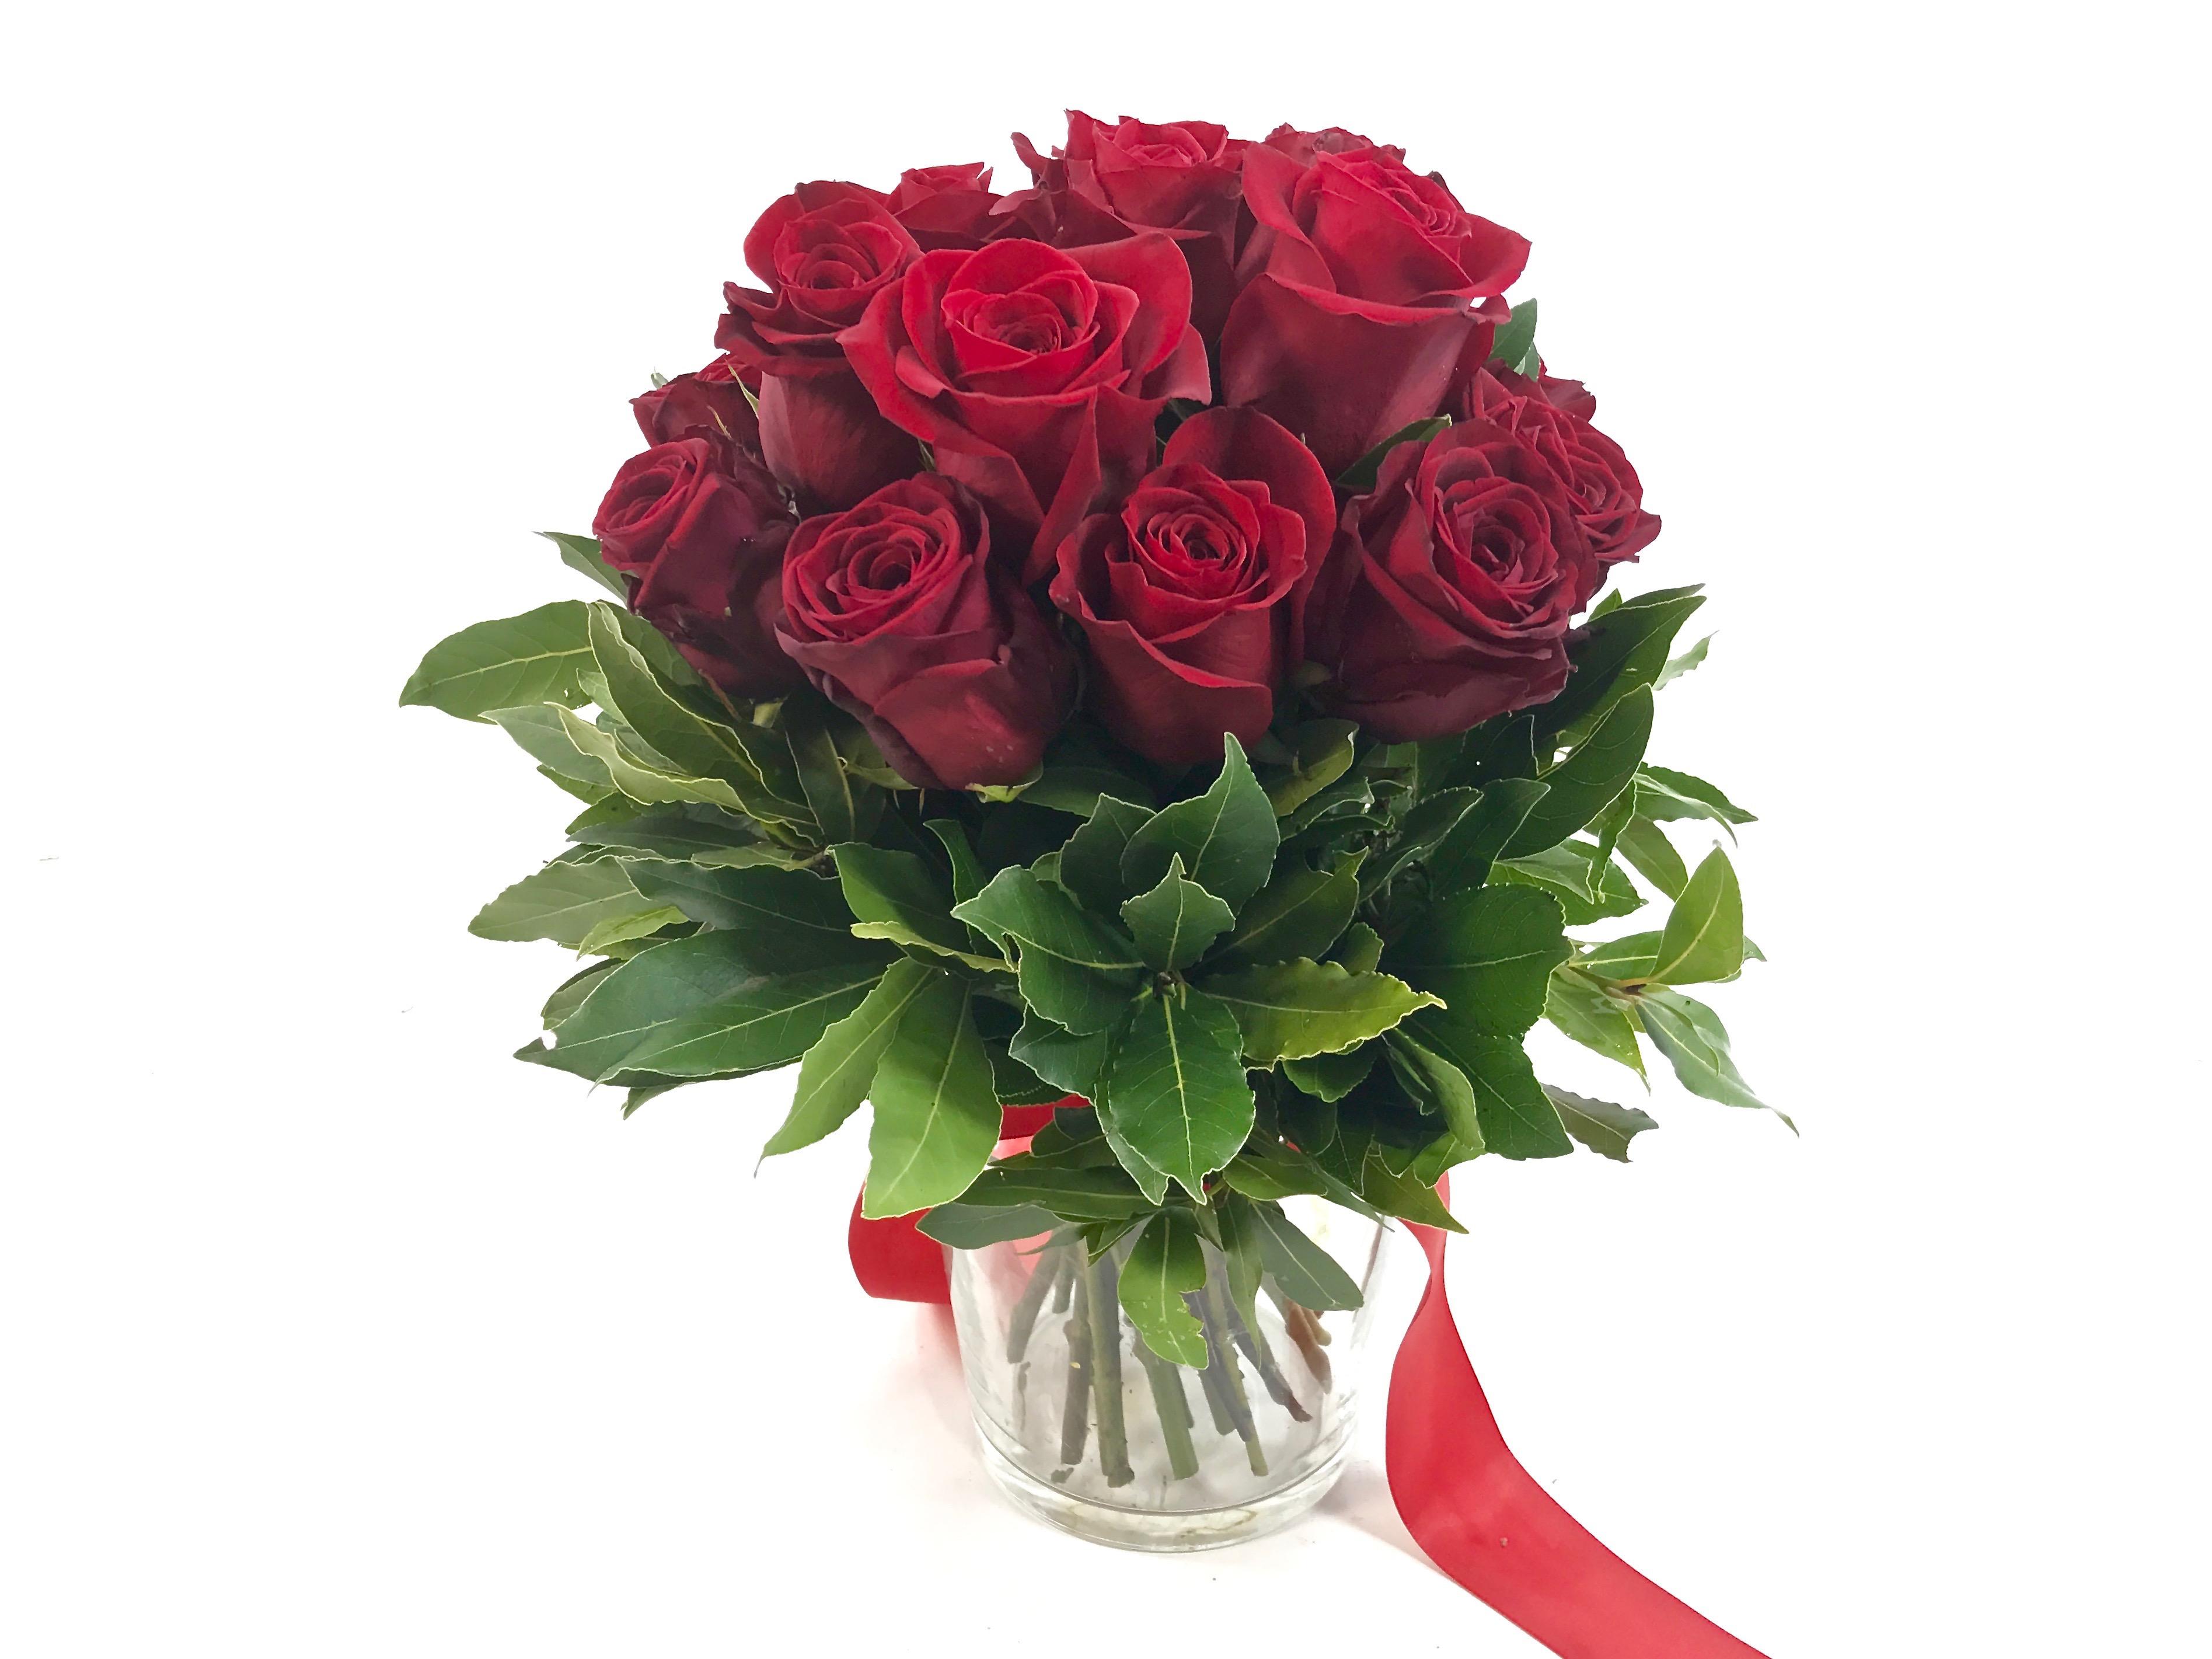 Bouquet per laurea di rose e alloro - Fiorit 69e7dded15ae